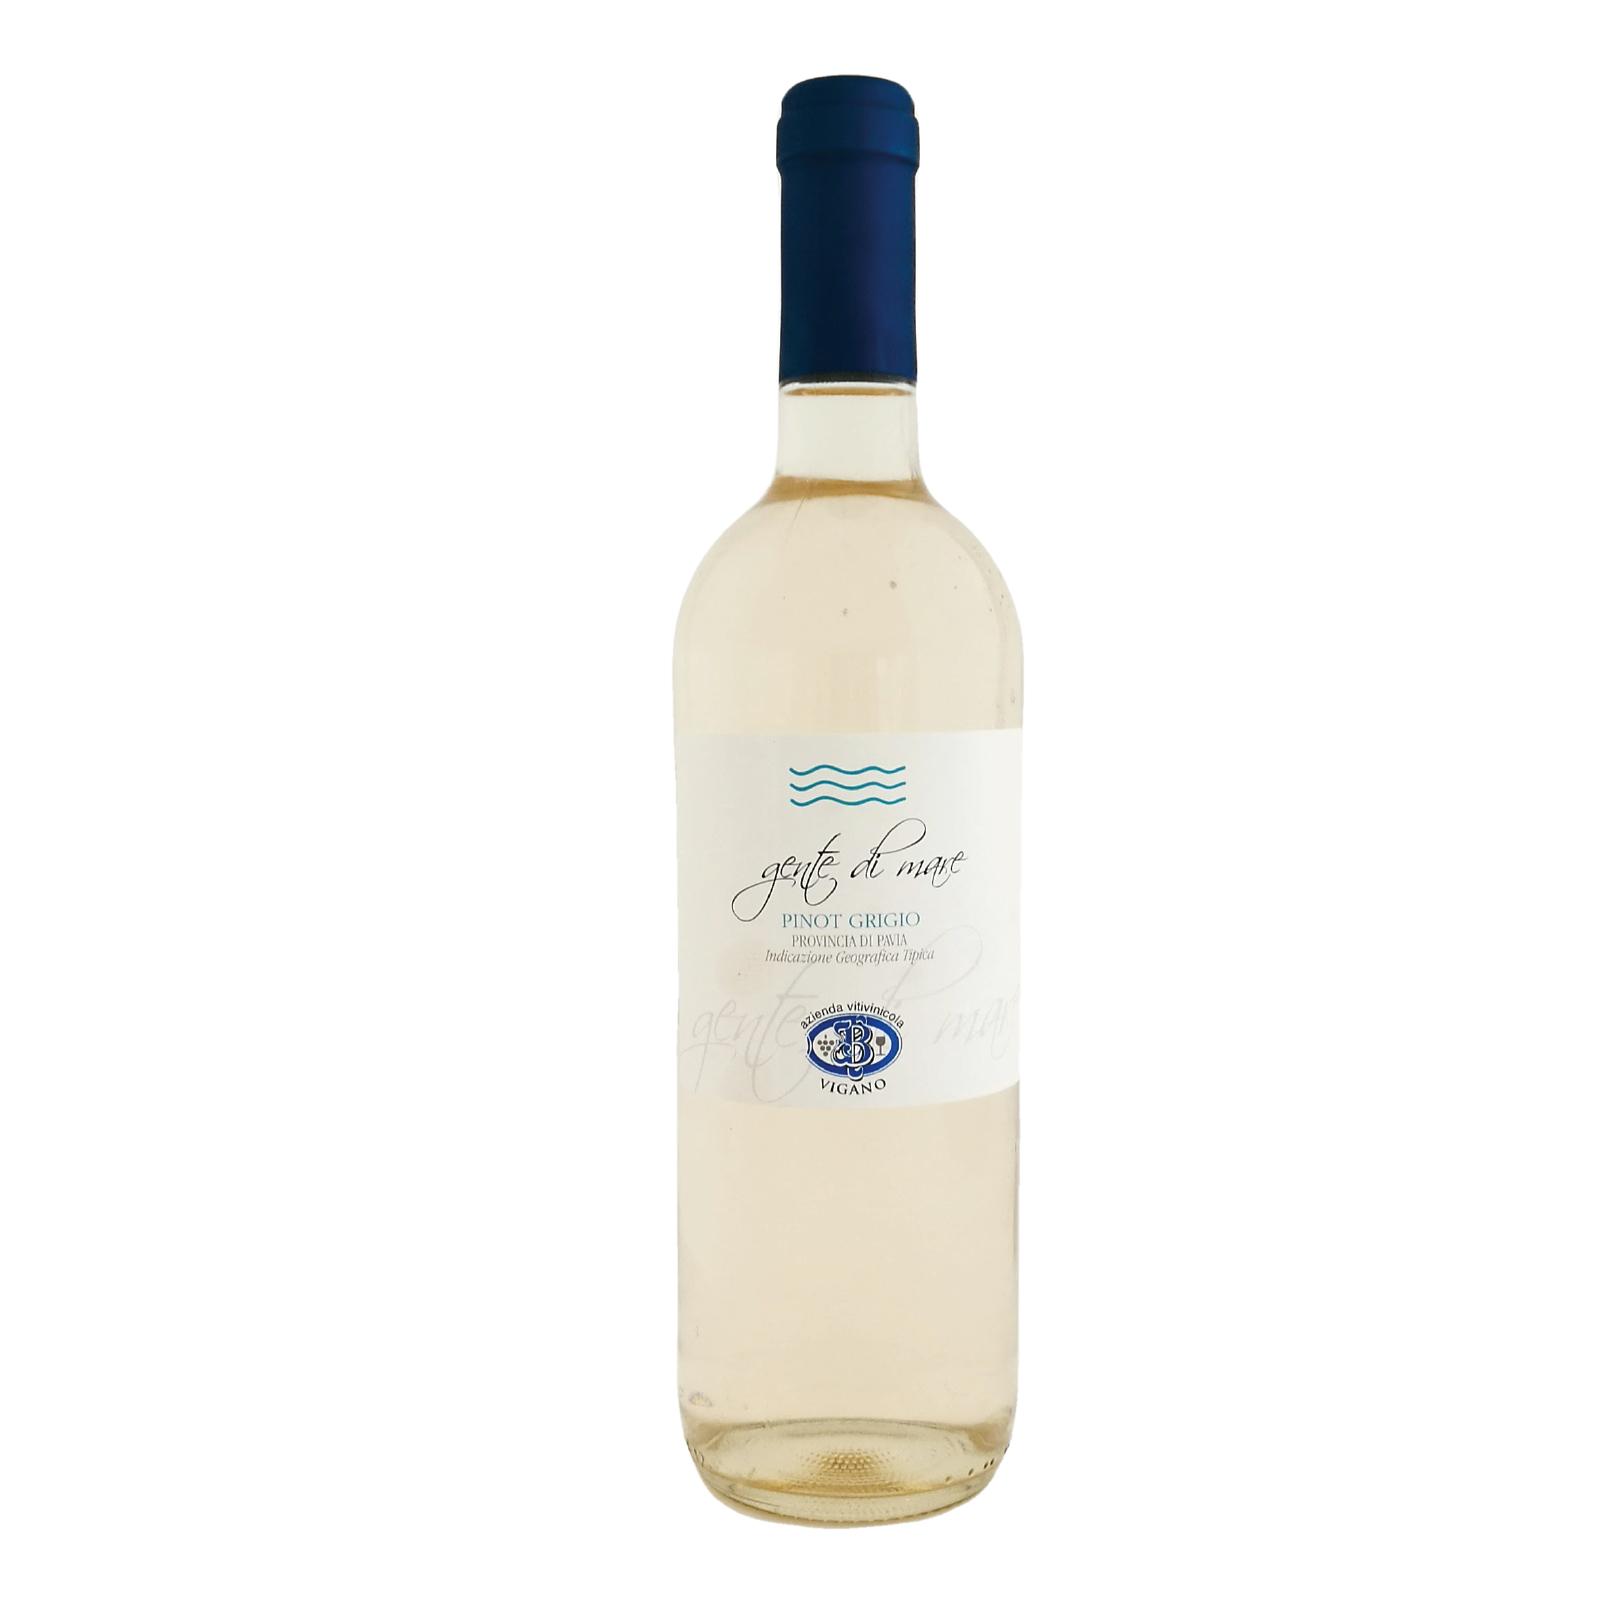 Pinot Grigio Vino Oltrepò Pavese - Vini Vigano